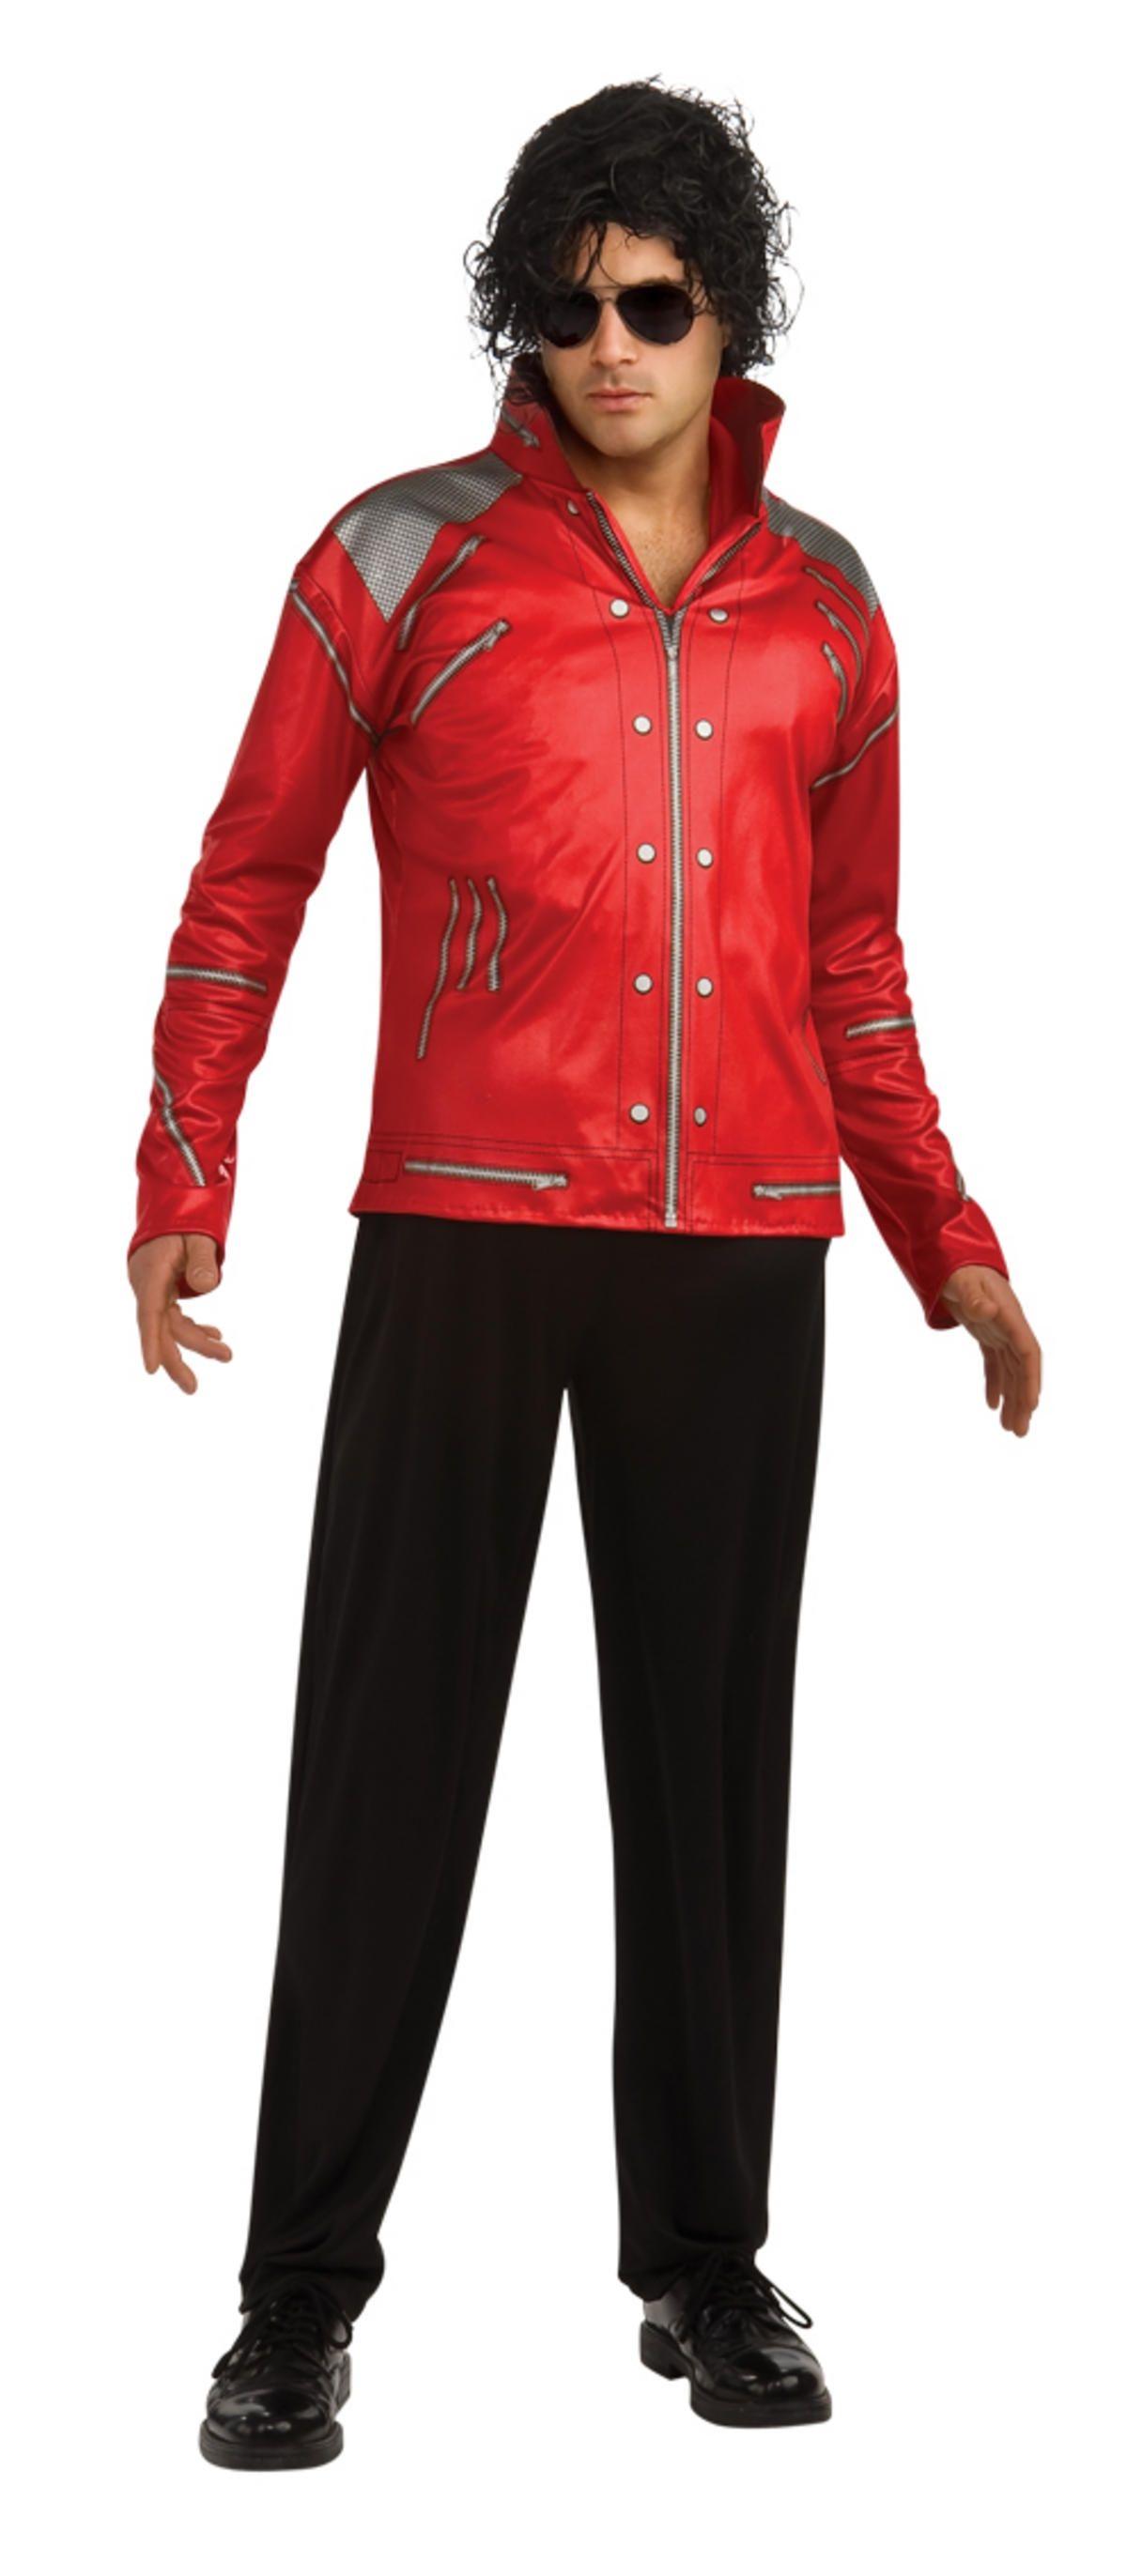 Пиджак Майкла Джексона на молнии (50-52) - Знаменитости, р.50-52